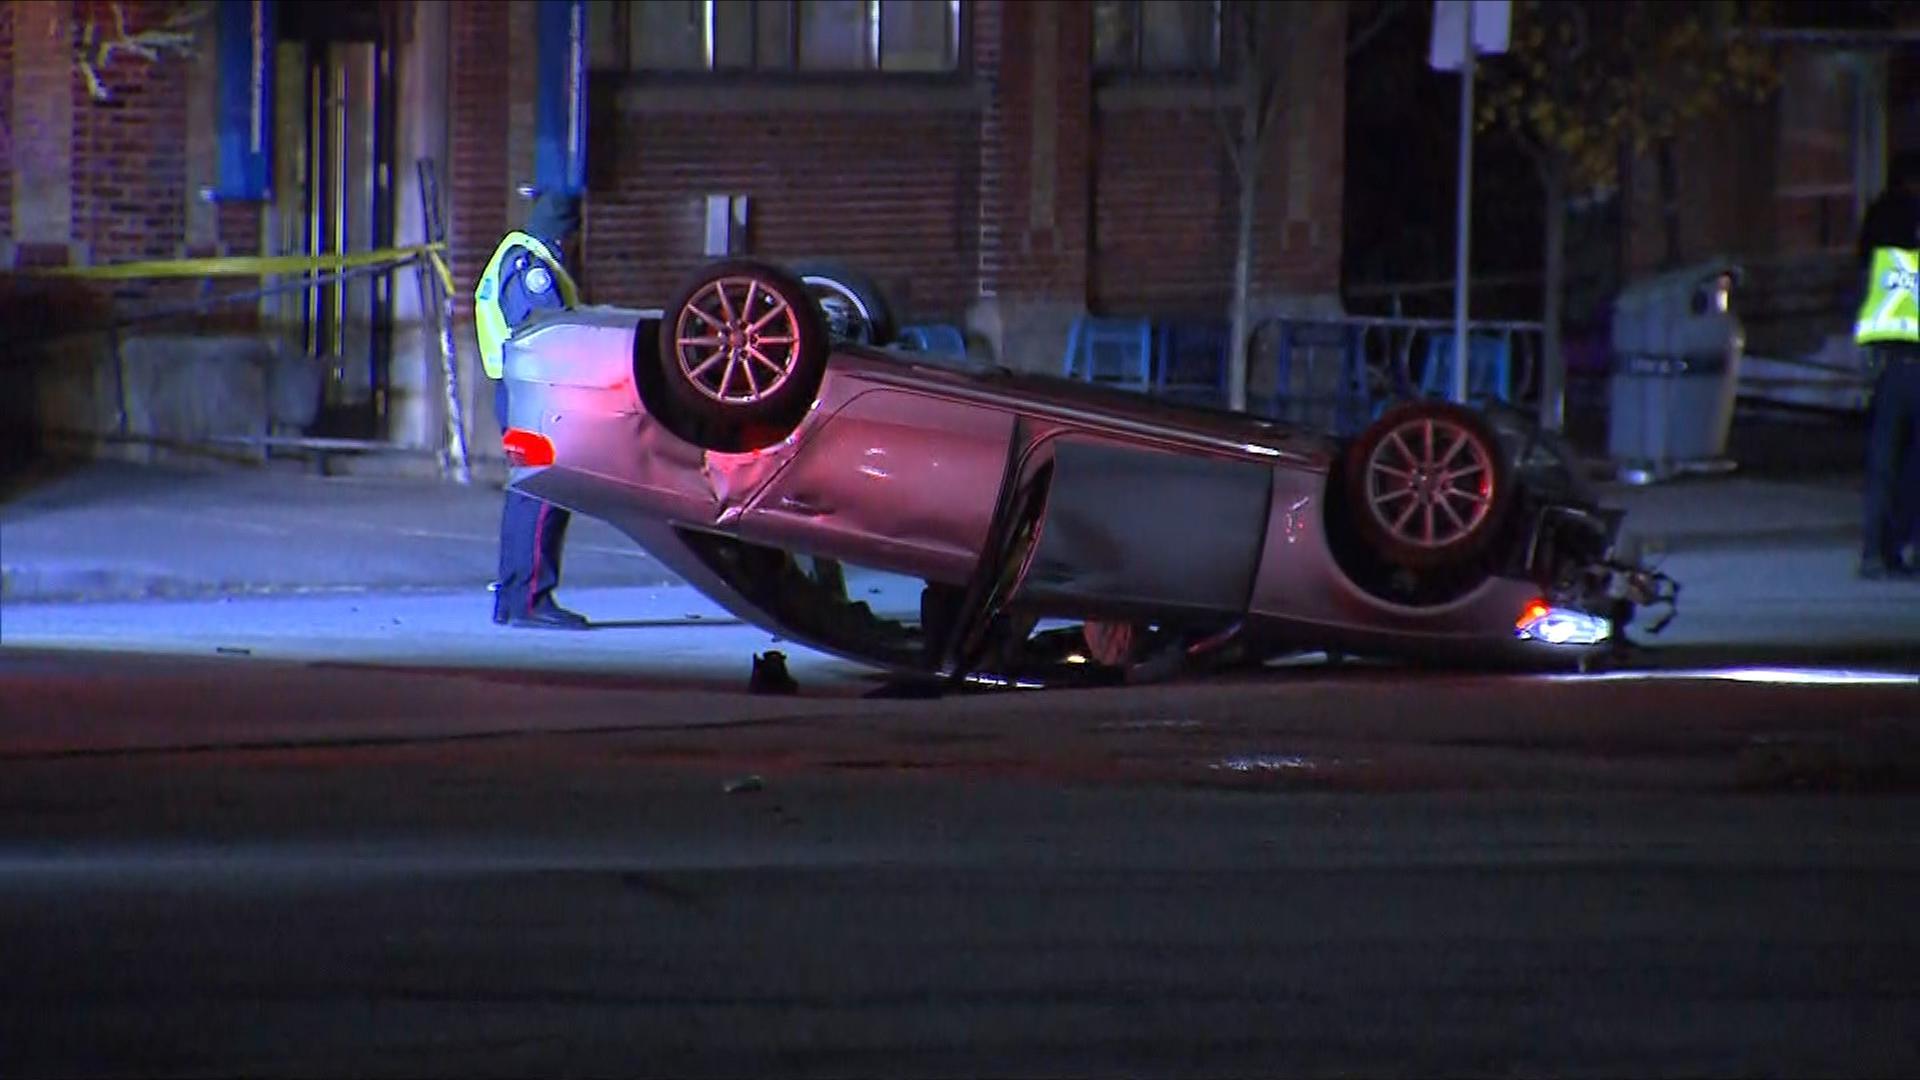 Siu Probing Three Car Crash Near Portland And Adelaide